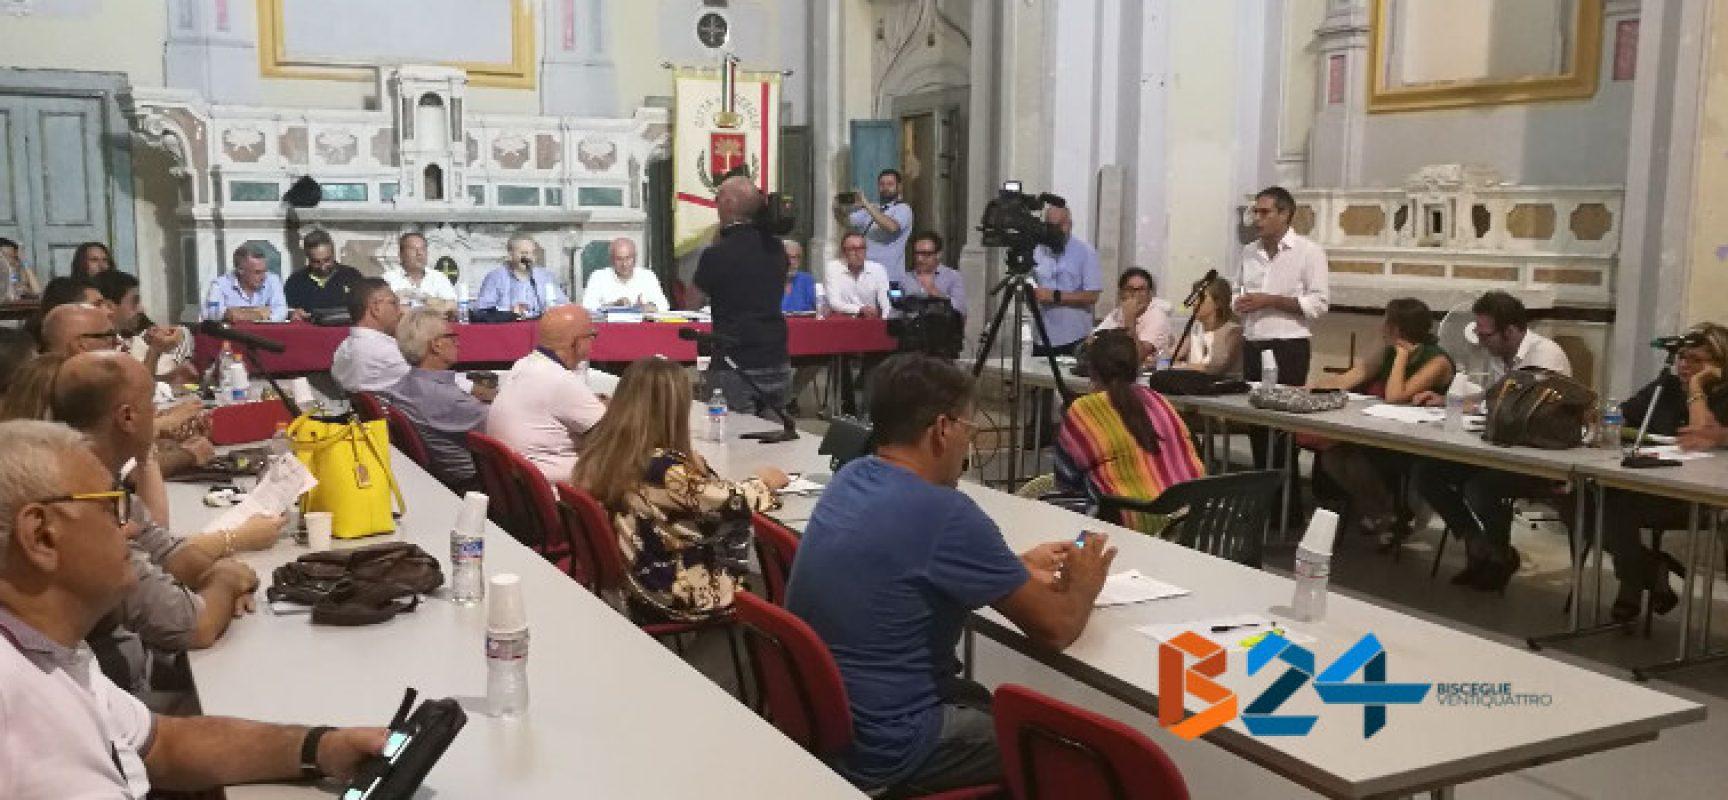 Consiglio comunale, doppia seduta con interrogazioni e dibattito su sicurezza